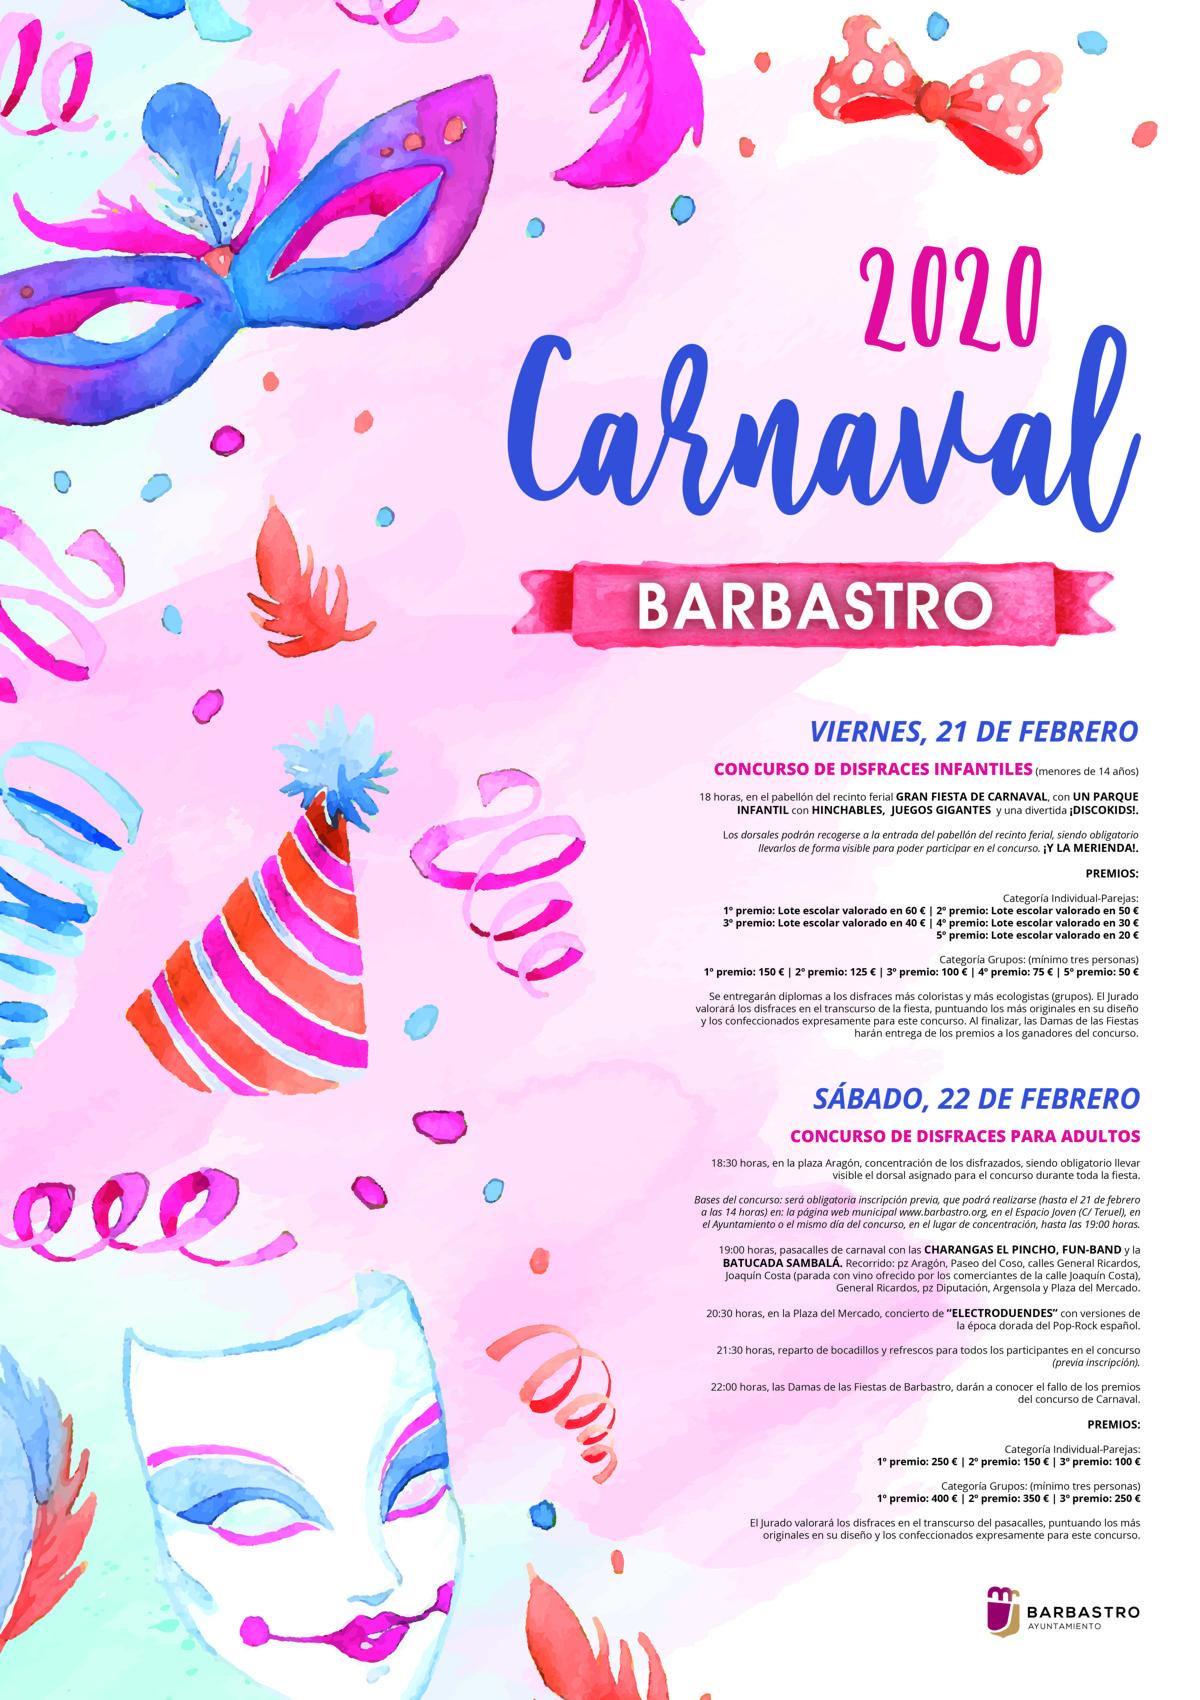 Un carnaval a ritmo de música y concursos de disfraces